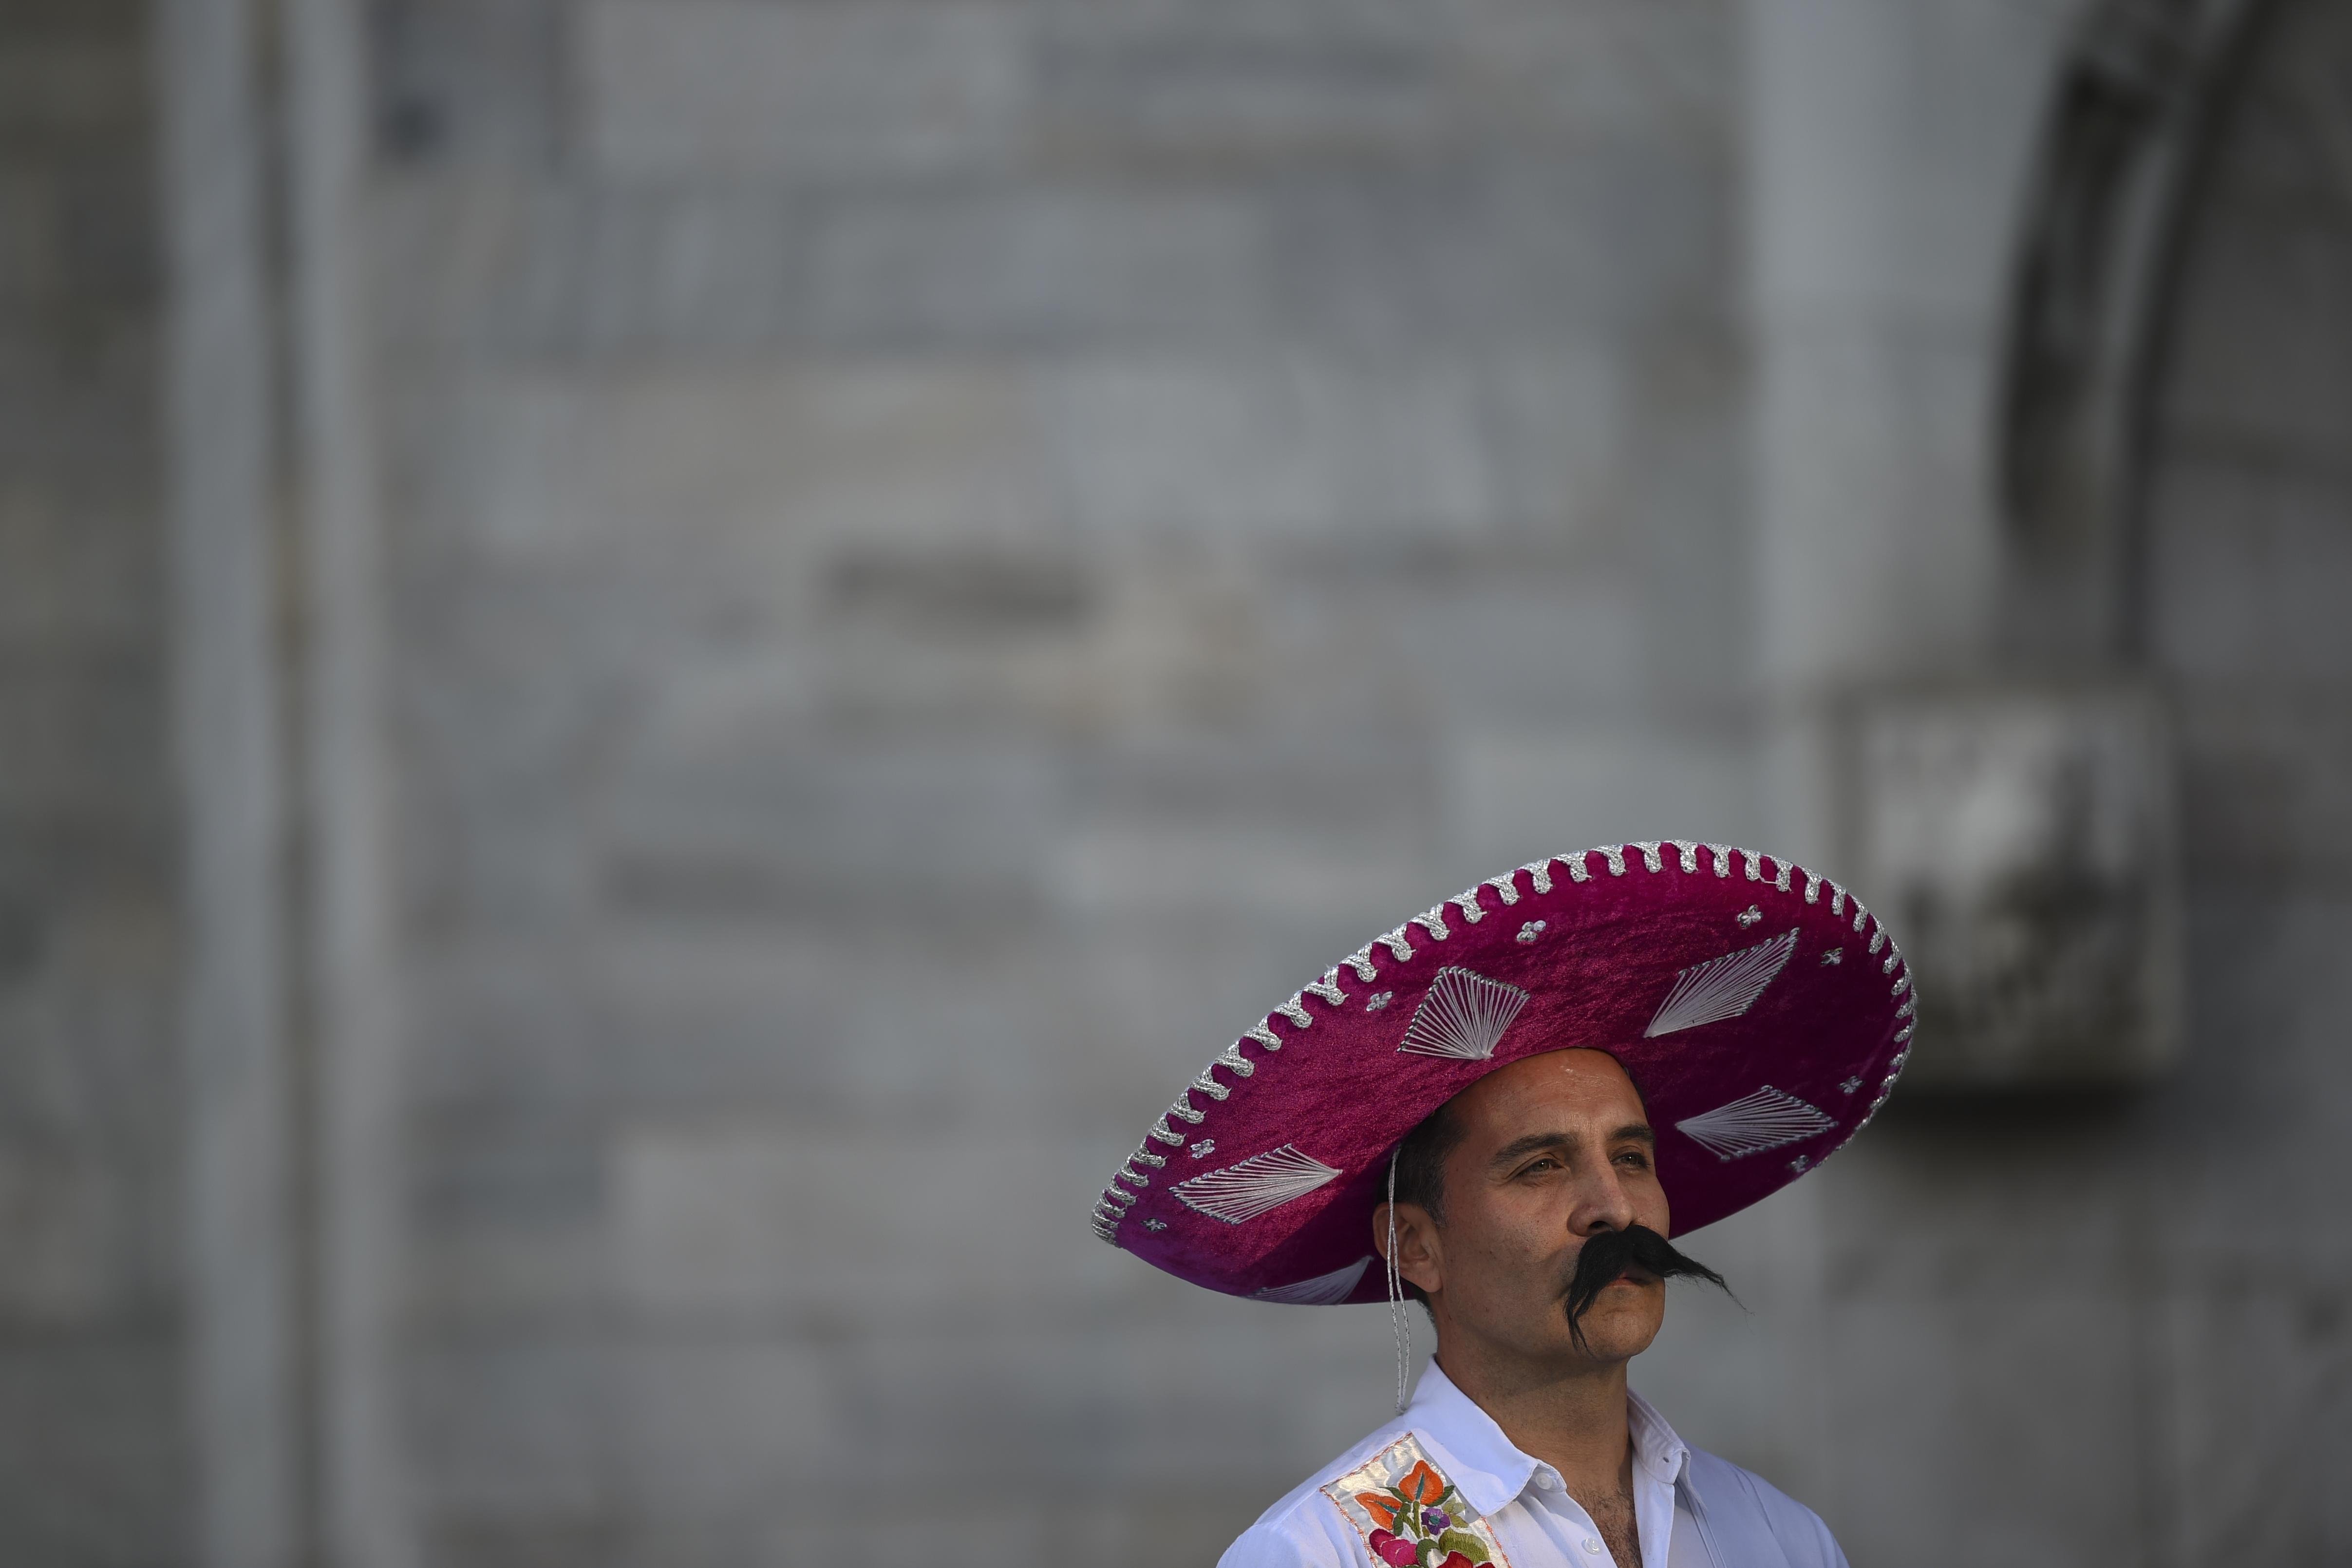 Los asistentes acudieron con diversos atuendos que emulaban al caudillo (Foto: Pedro Pardo/ AFP)